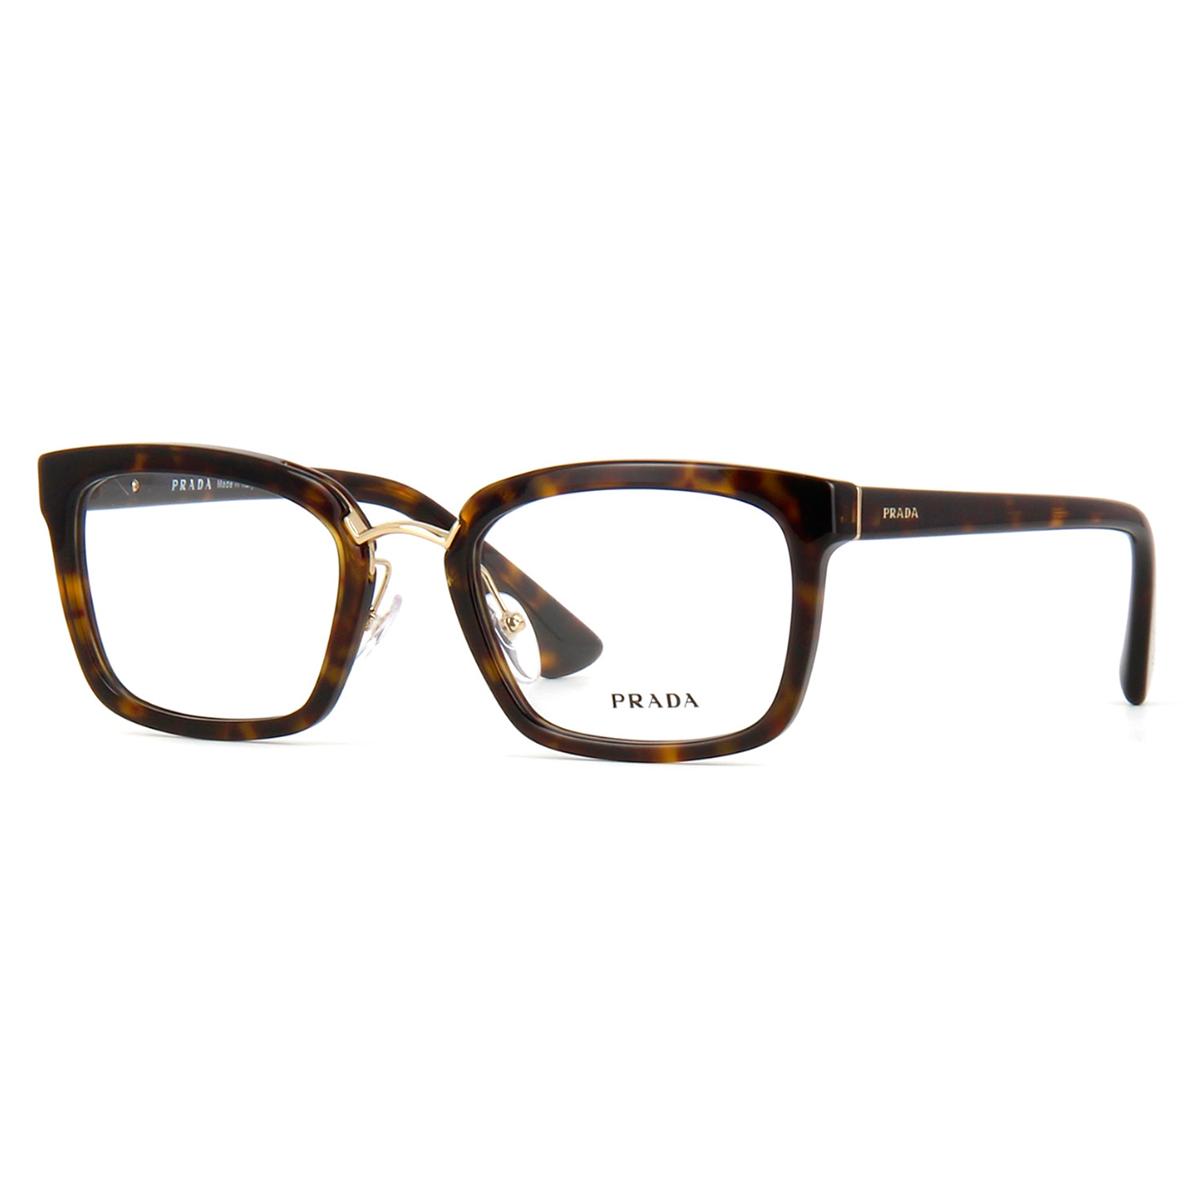 Óculos de Grau - Prada - Altura da Lente  37 mm - Largura da Haste ... 61f39b3b0c